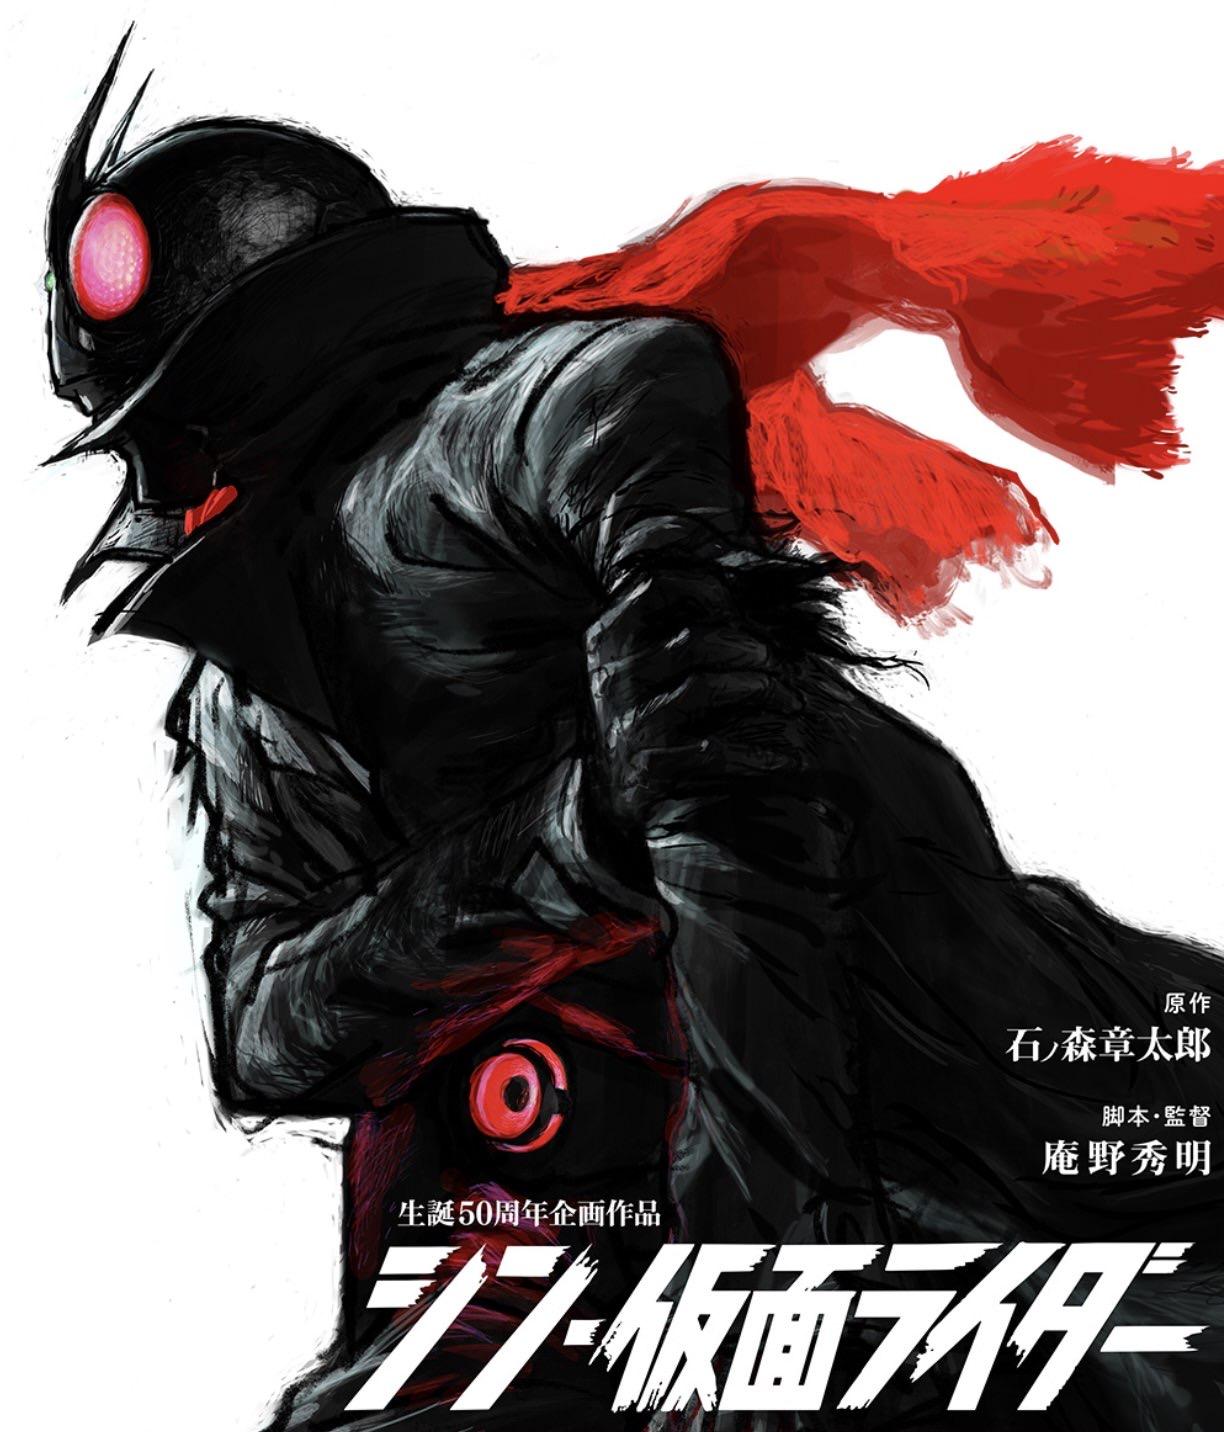 Shin masked rider 20210404